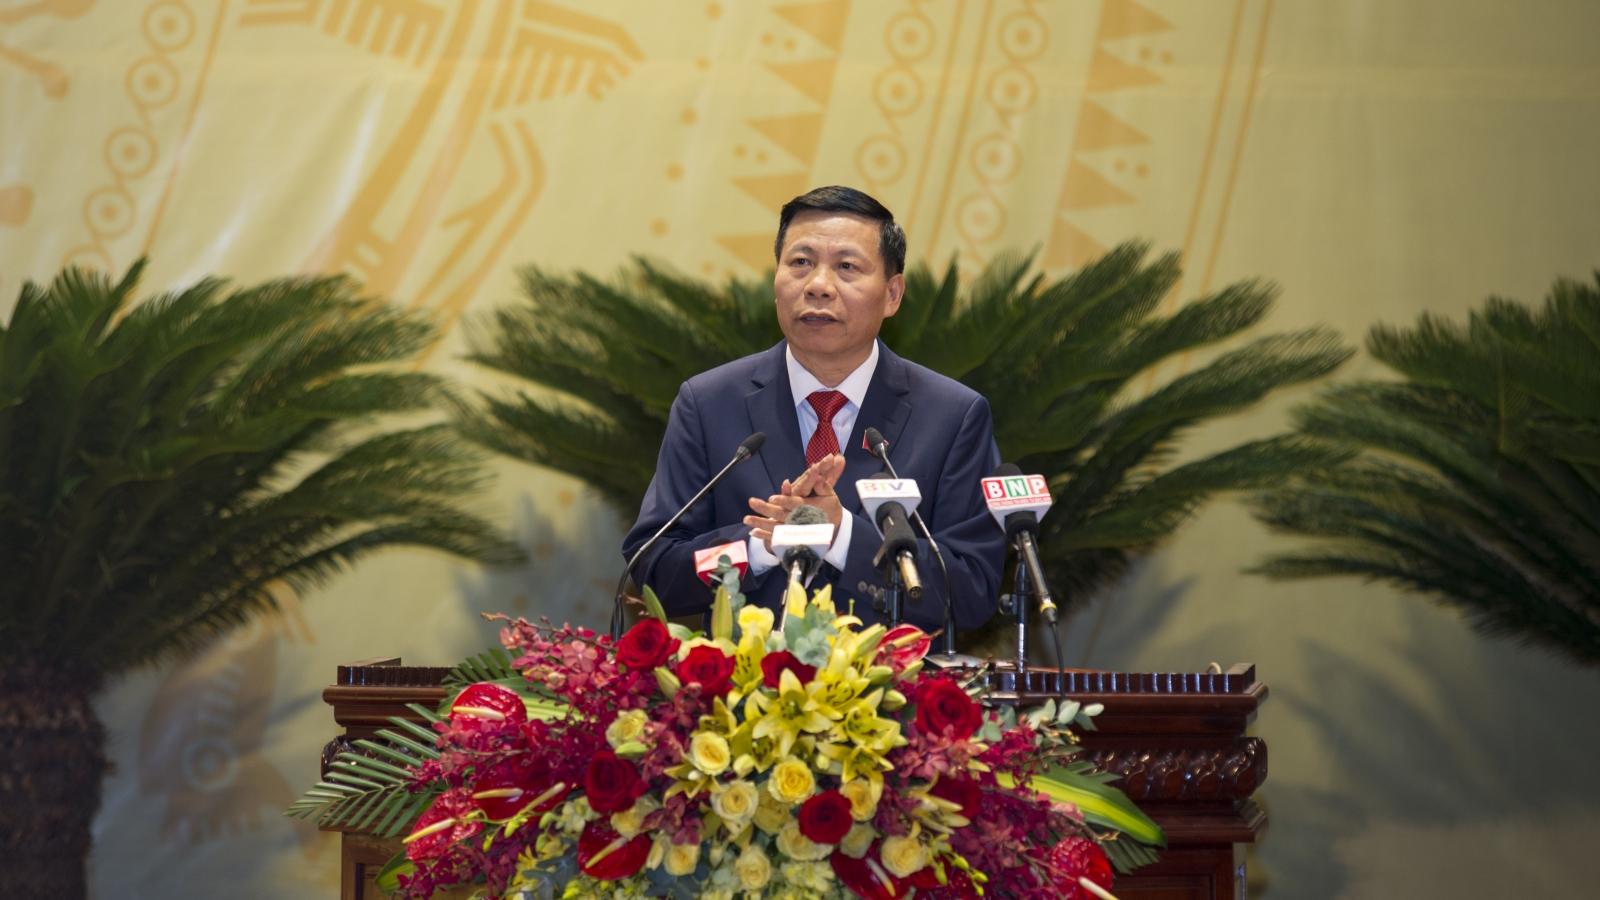 Đại hội Đảng bộ tỉnh Bắc Ninh lần thứ XX chính thức khai mạc